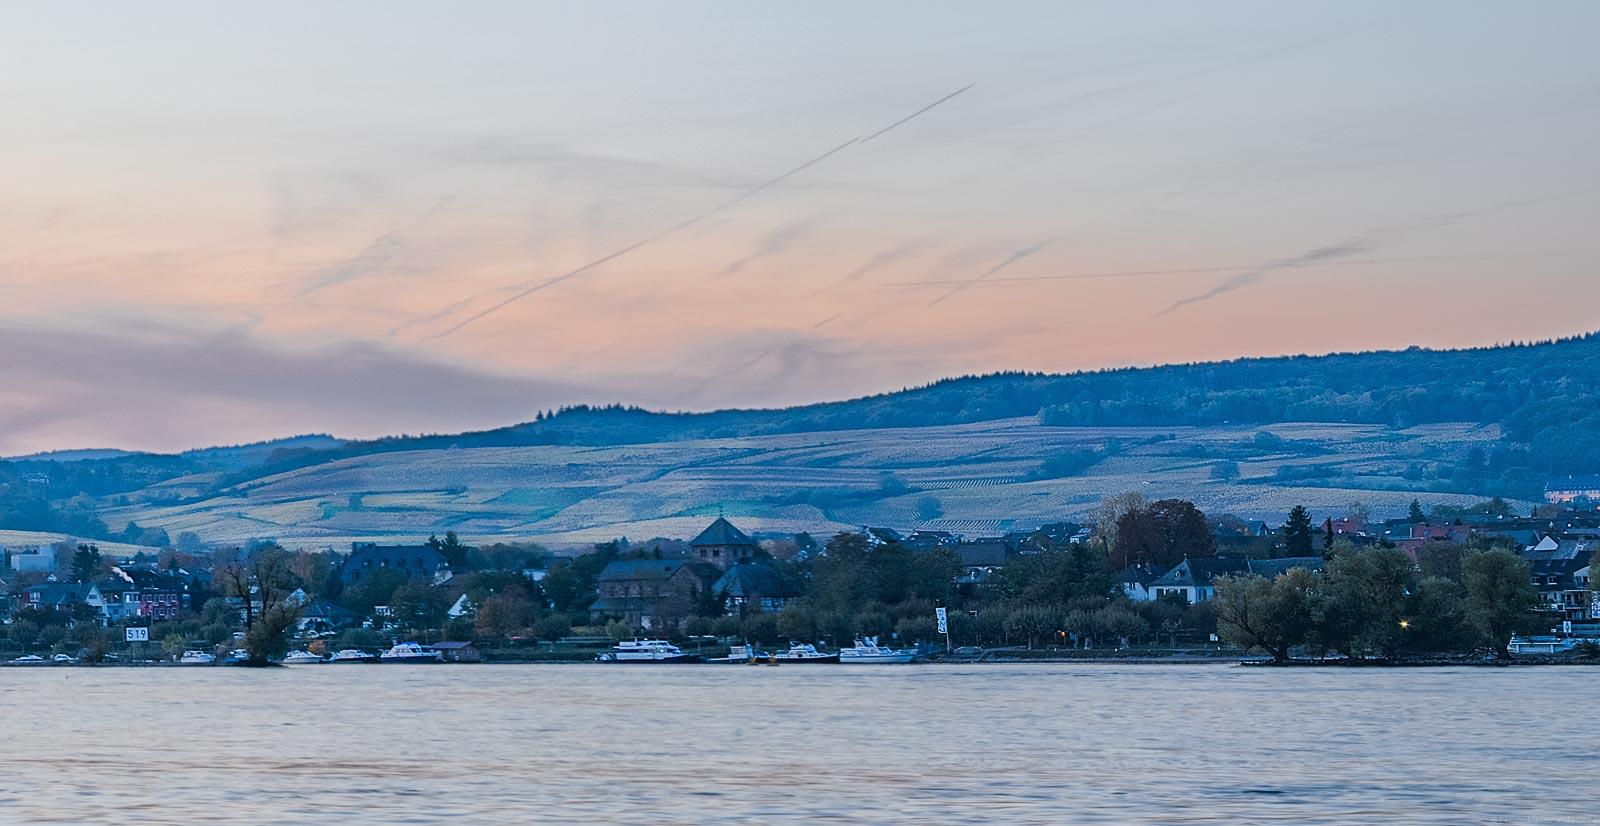 Auf der gegenüberliegenden Seite des Rheins sieht man Oestrich-Winkel